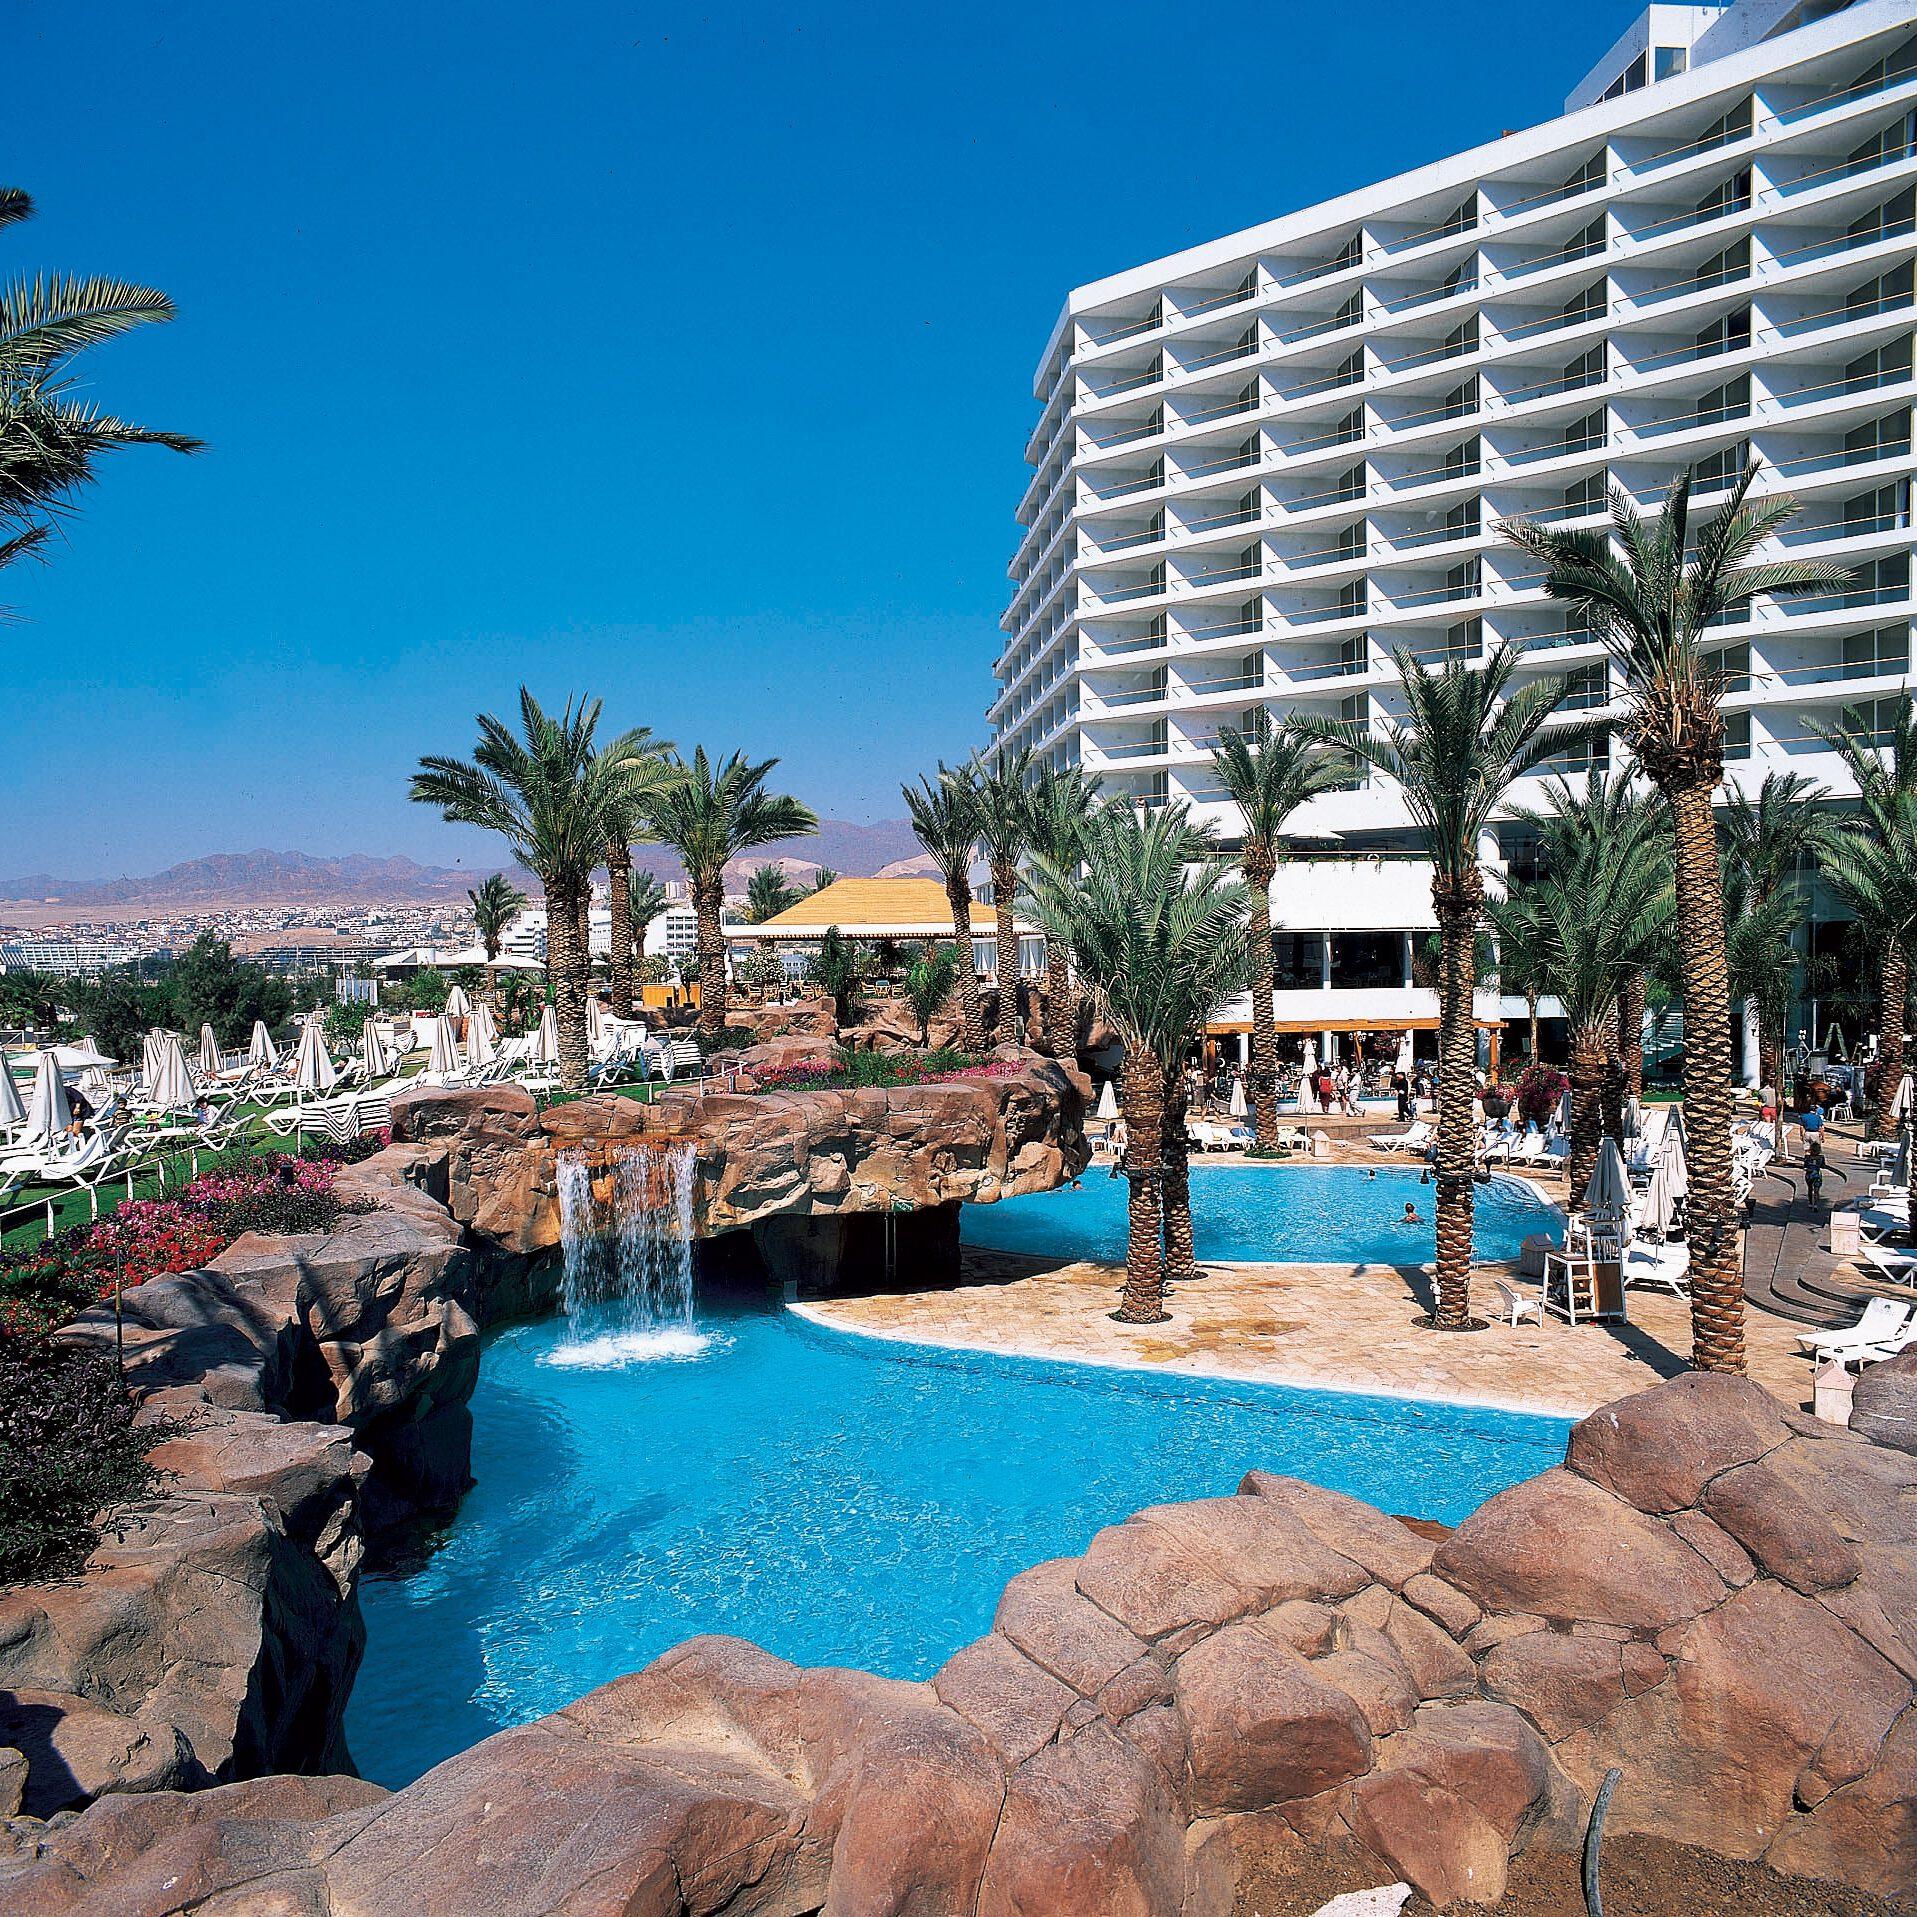 ROYAL BEACH HOTEL ISROTEL EILAT